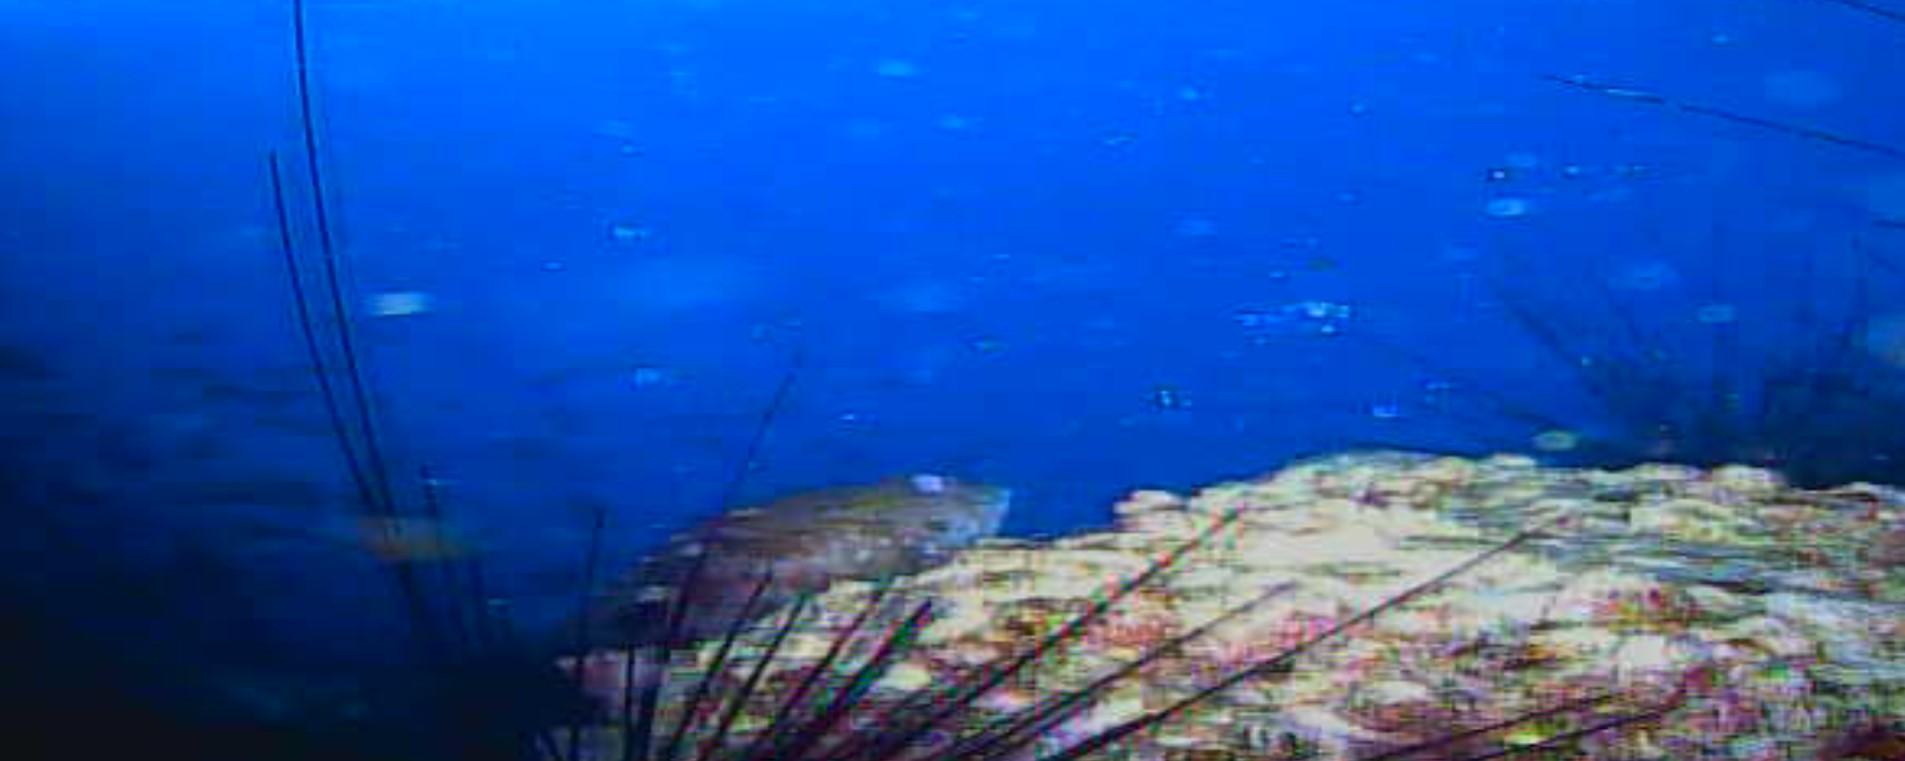 足保港 水中写真 カサゴ